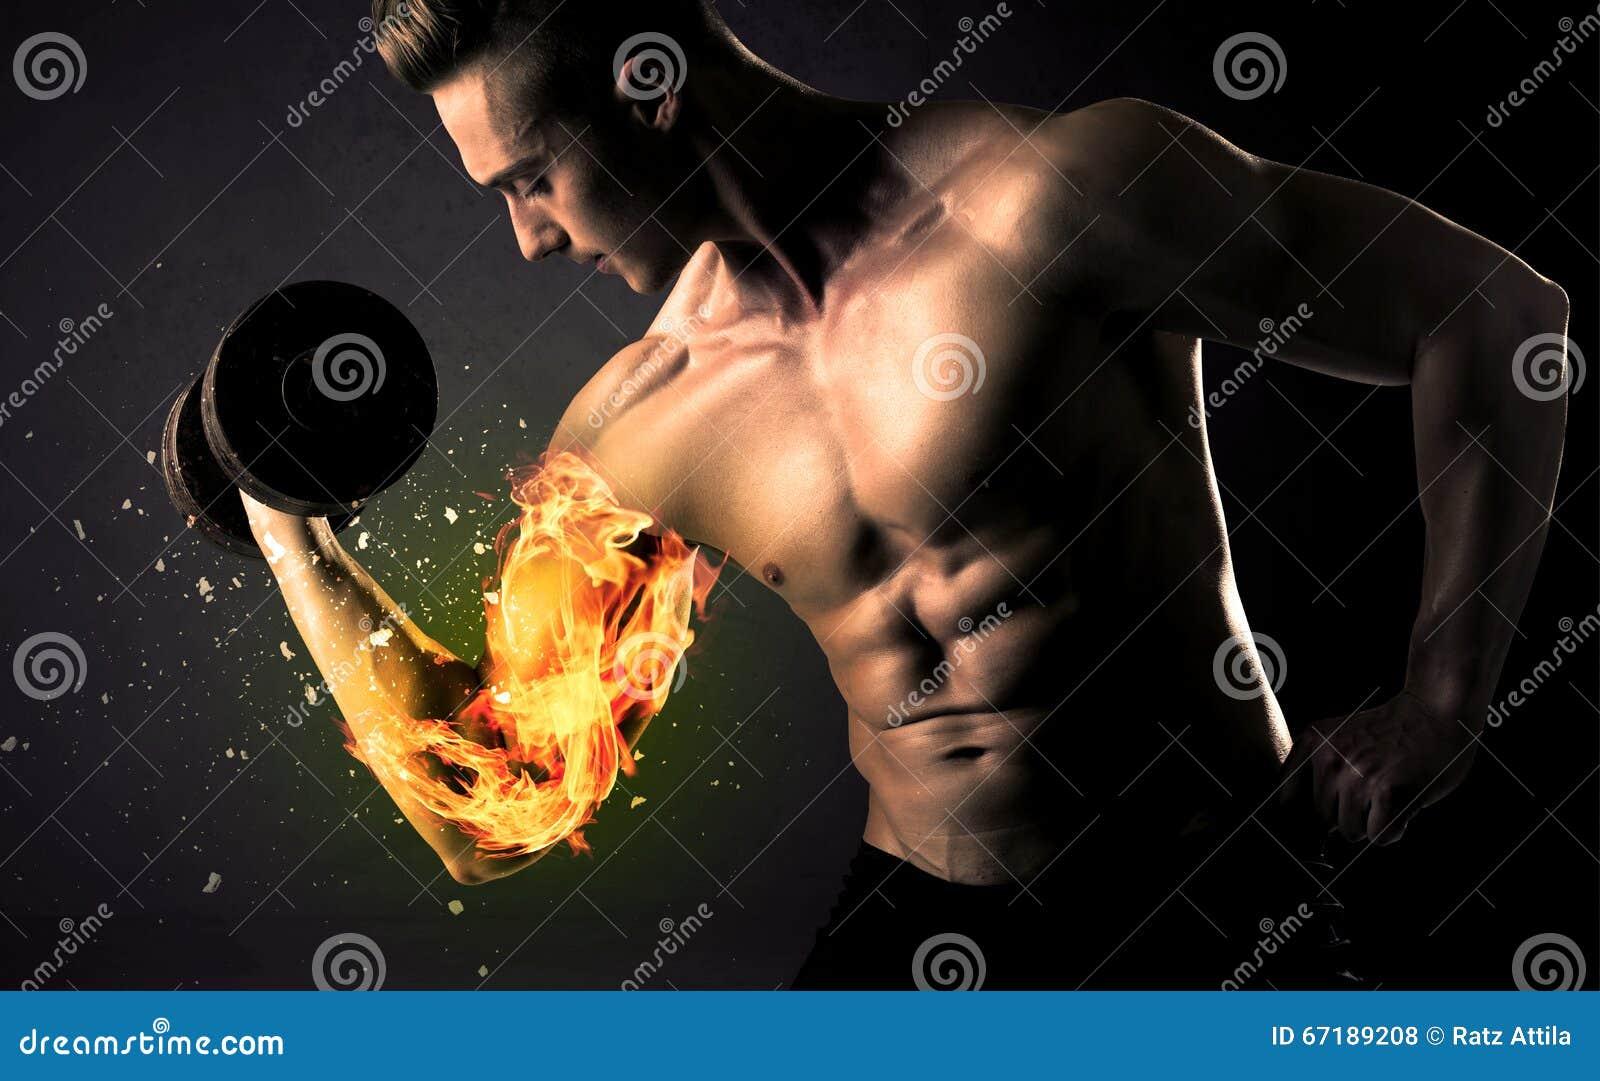 El peso de elevación del atleta del culturista con el fuego estalla concepto del brazo